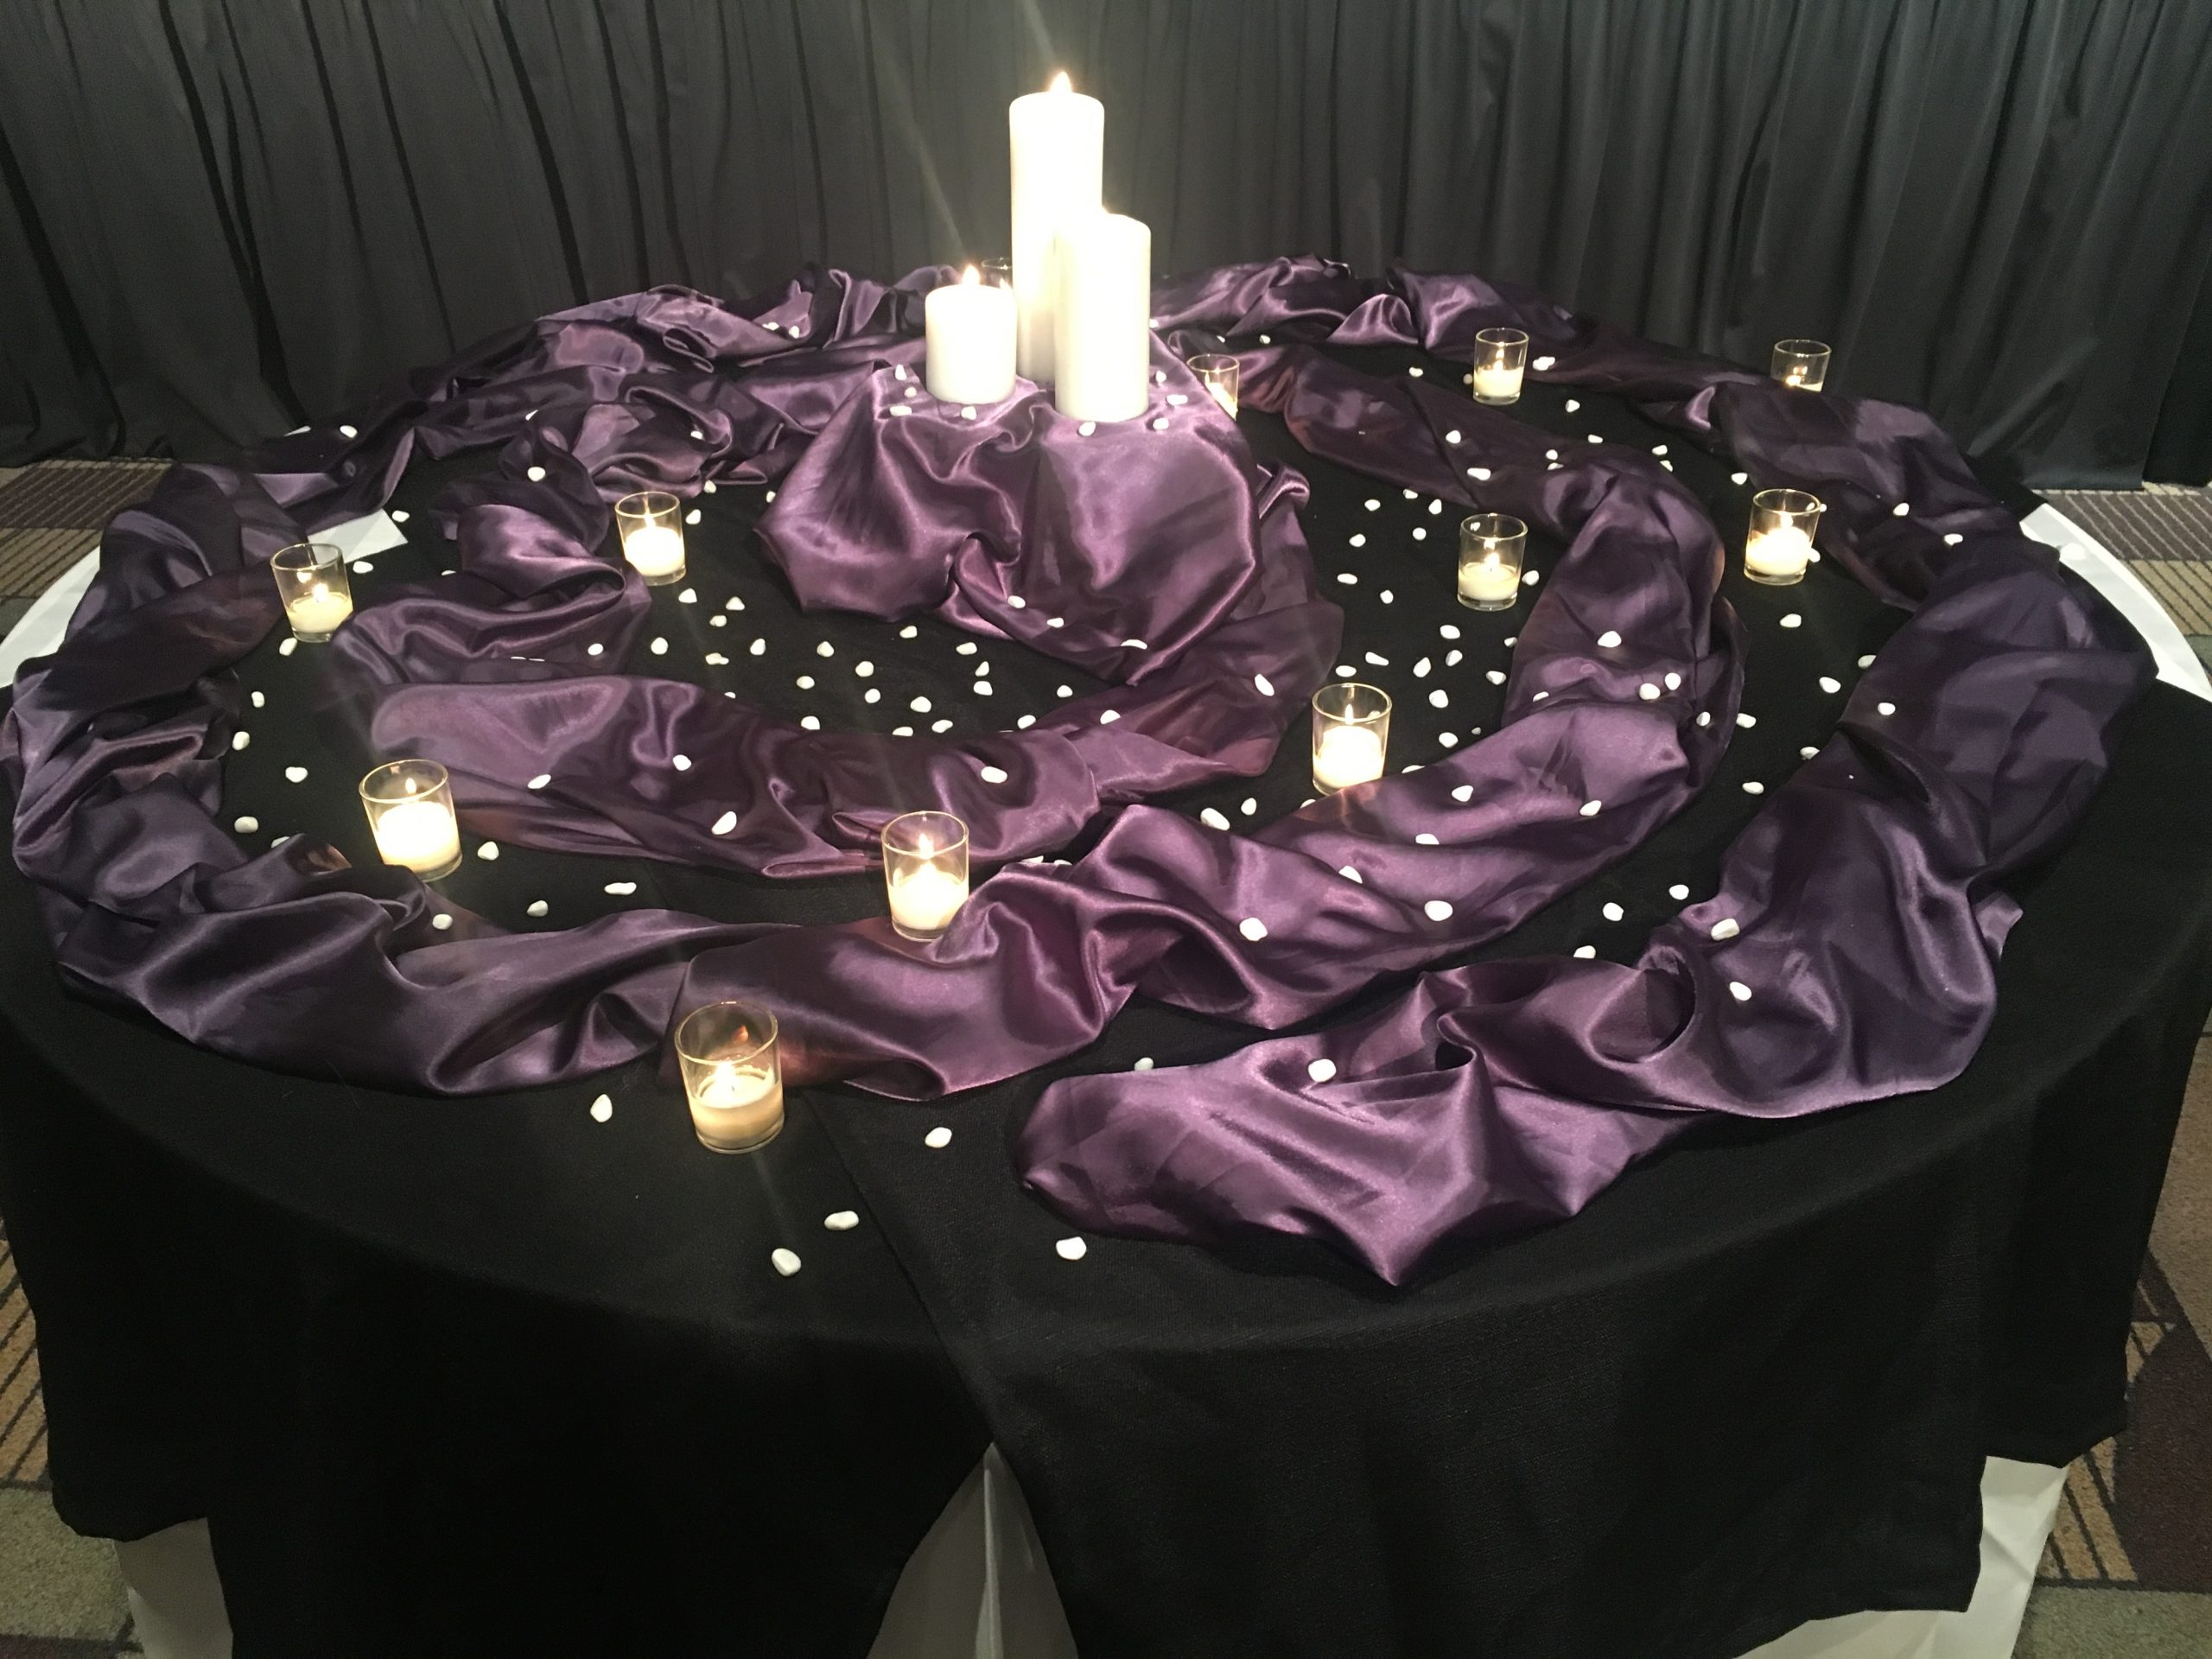 Worship altar